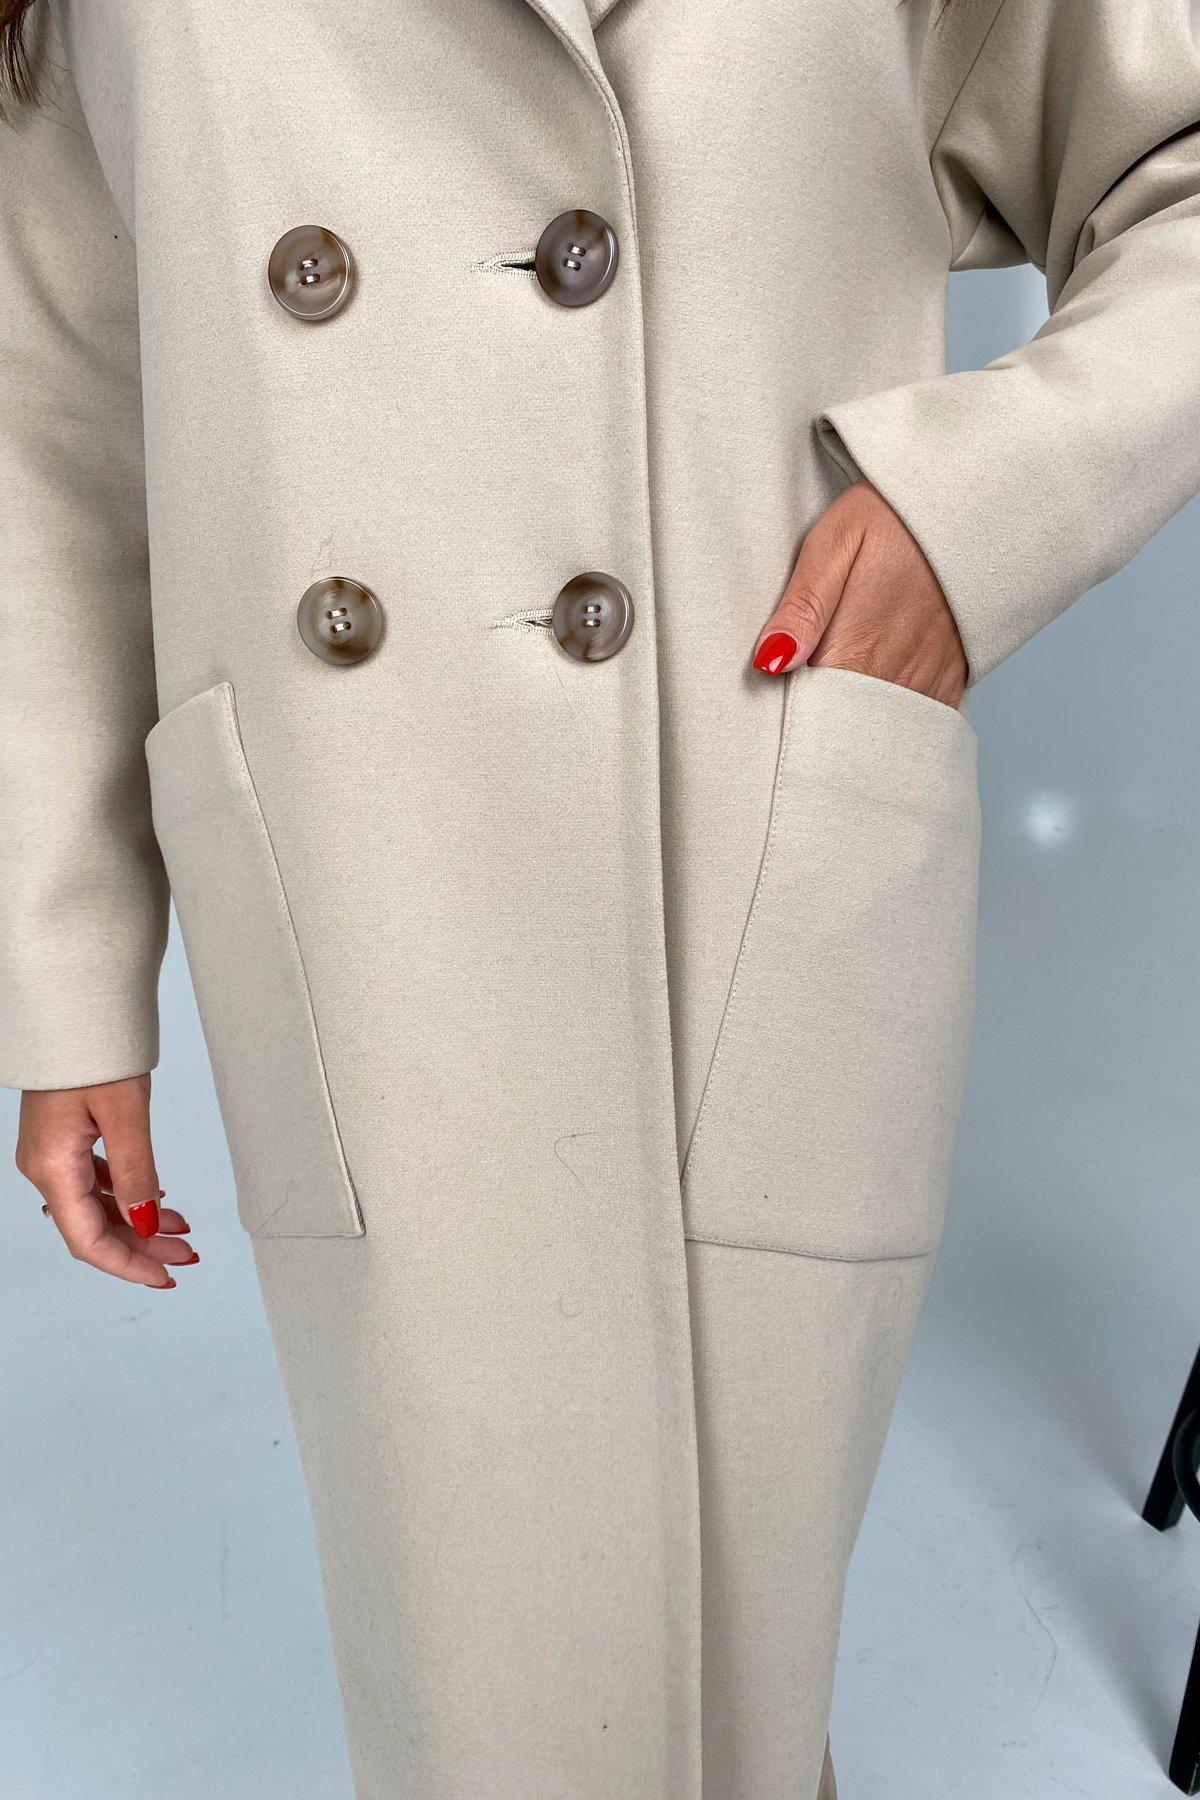 Свайп макси пальтовая ткань кашемир Турция зима Хомут пальто 10118 АРТ. 46417 Цвет: Бежевый светлый - фото 4, интернет магазин tm-modus.ru